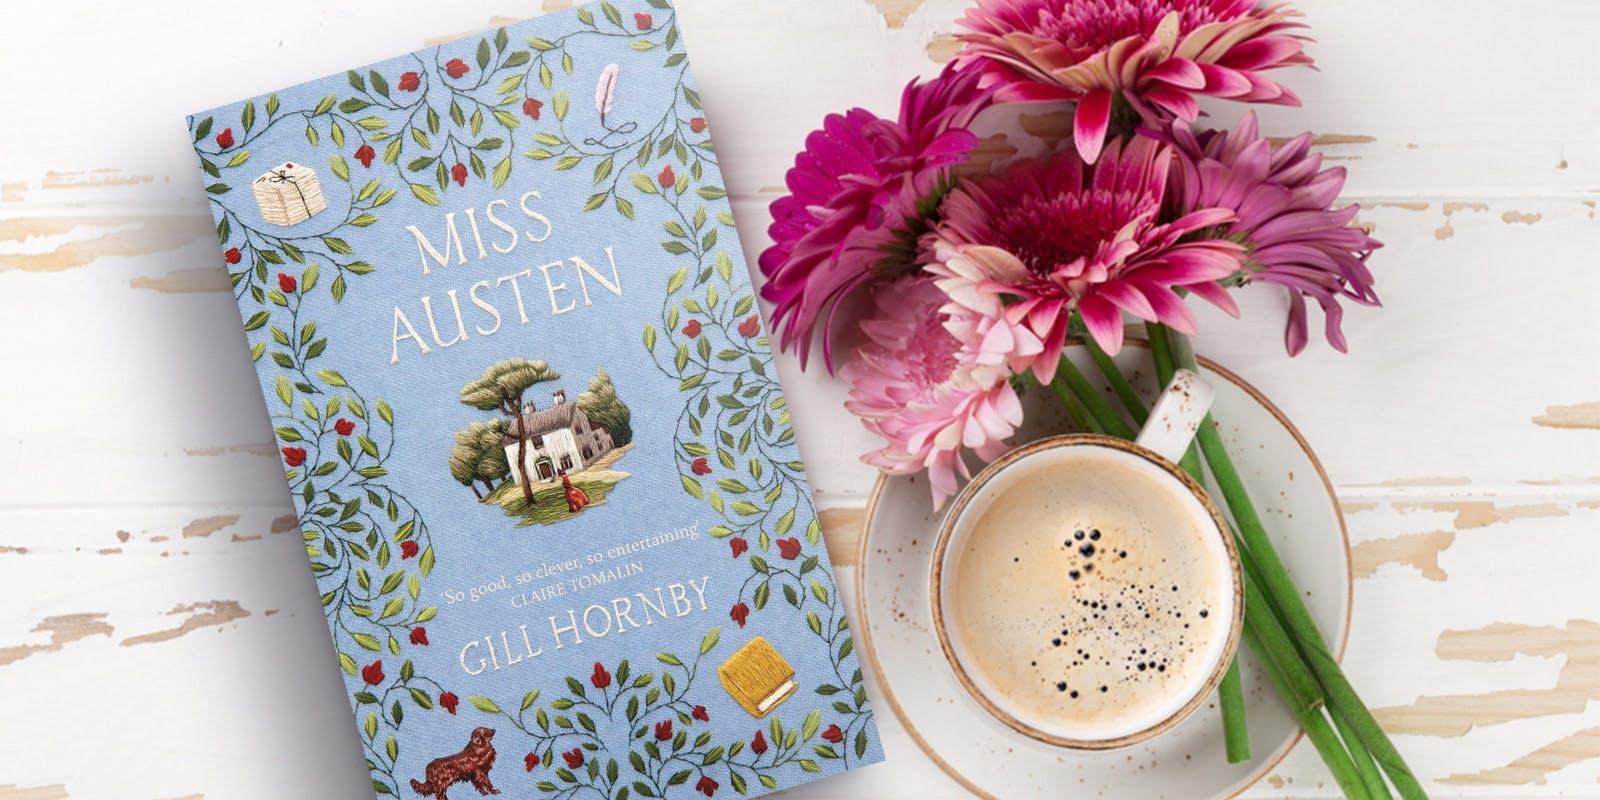 Miss Austen book club notes